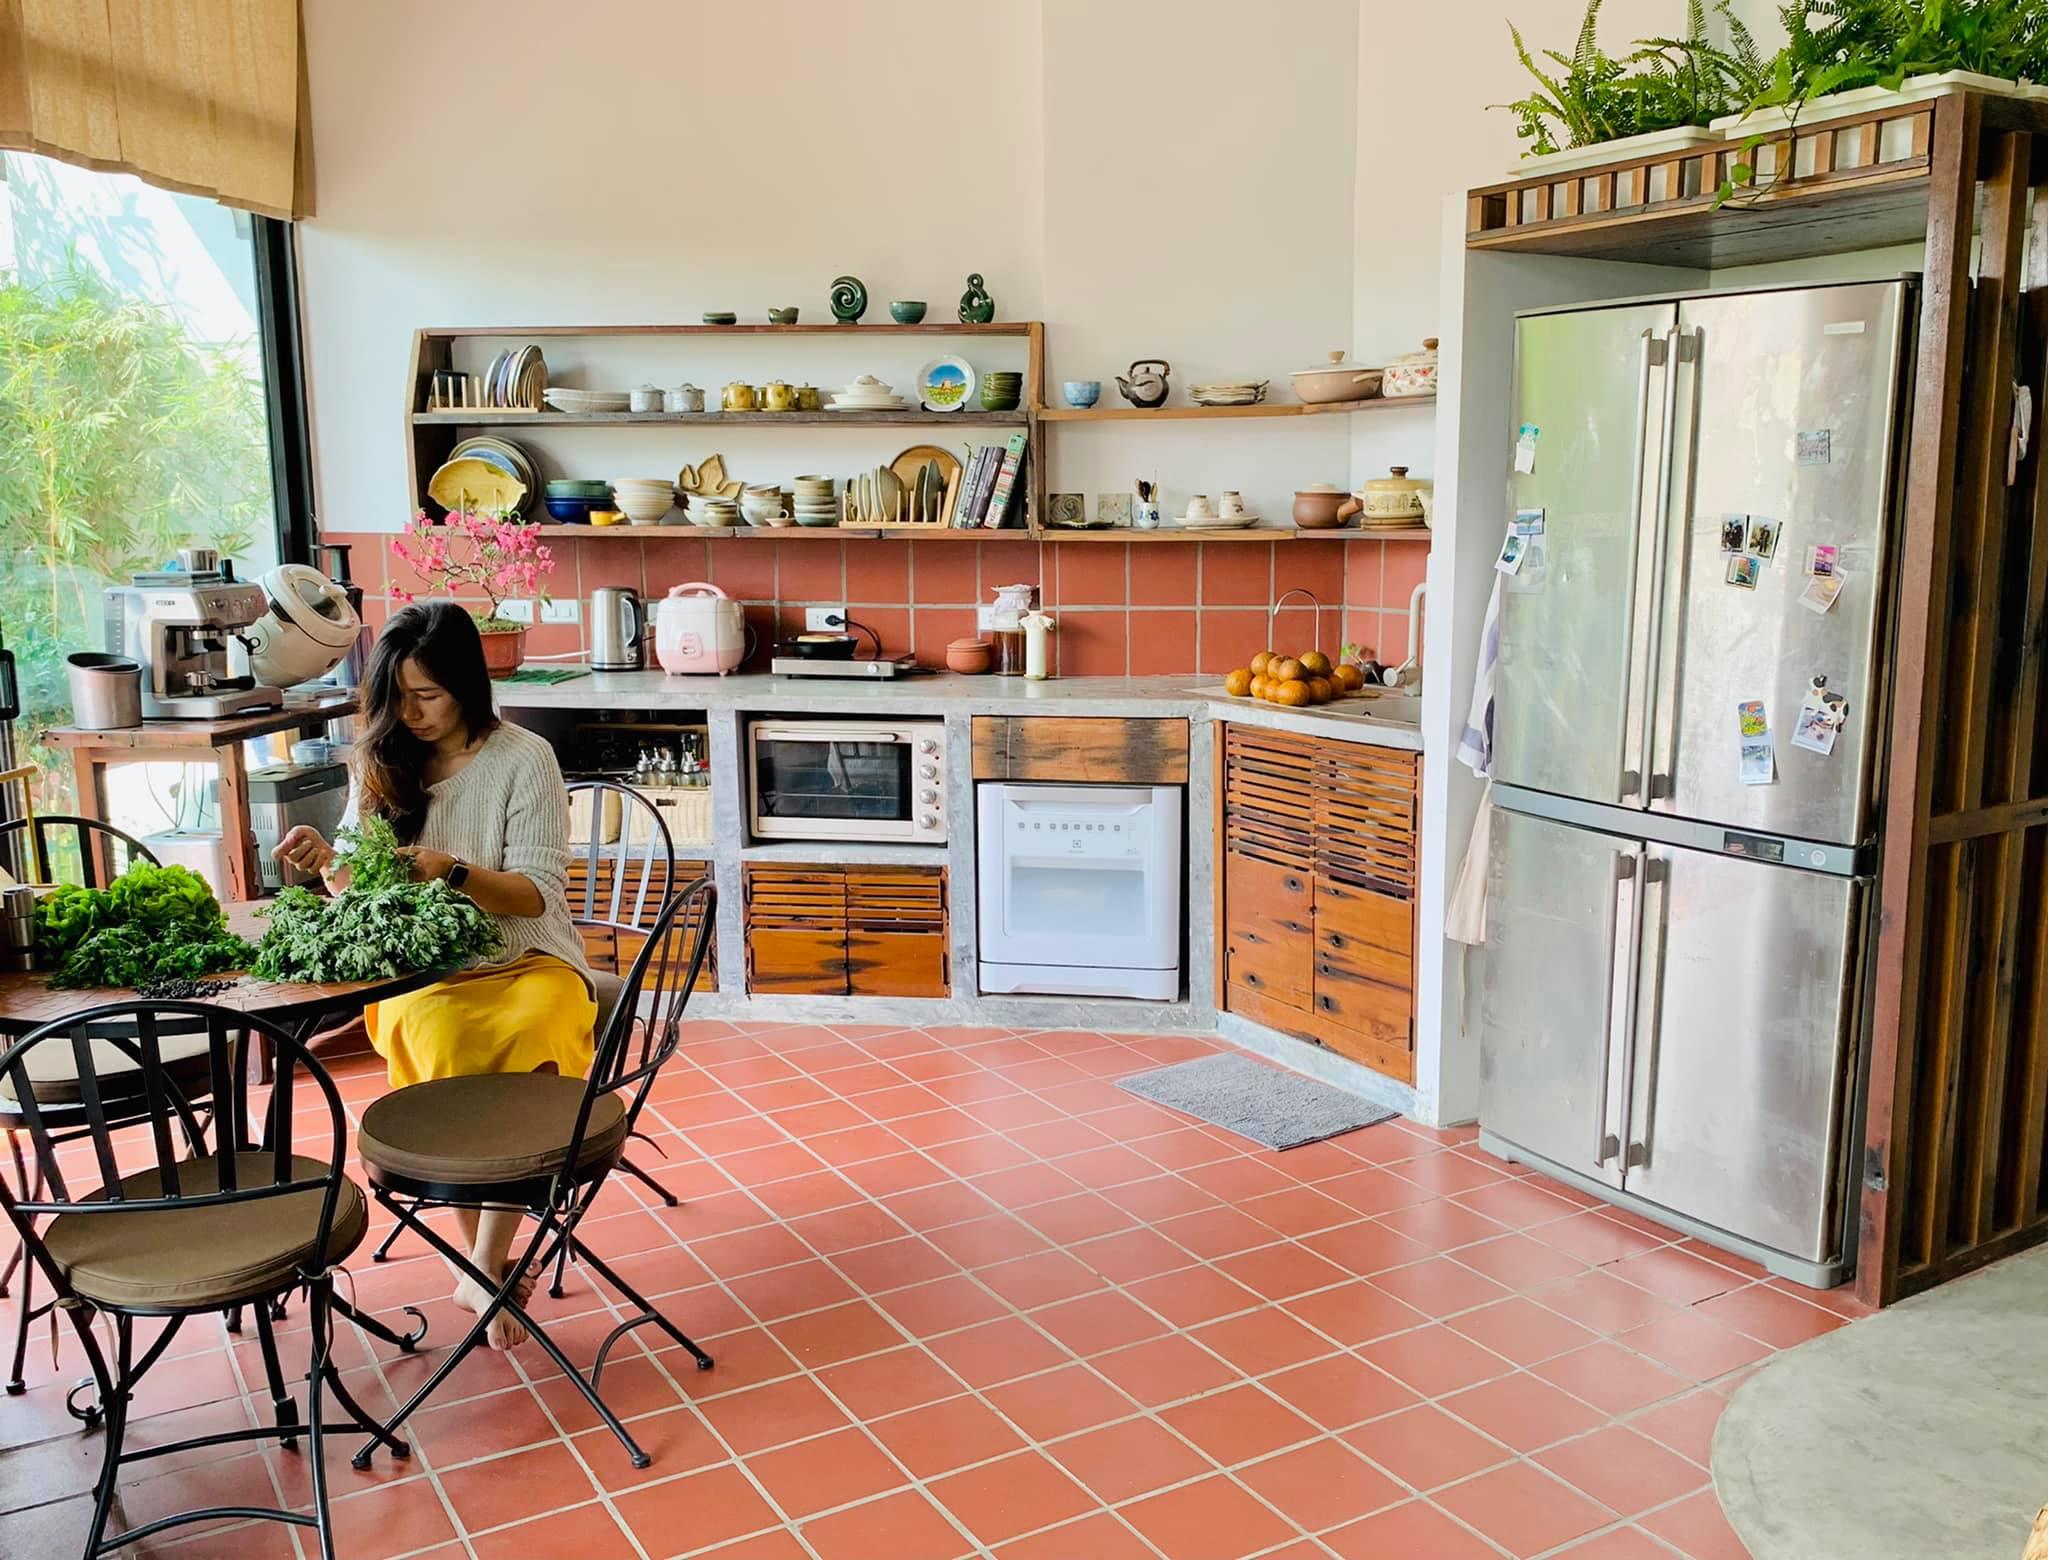 Tết về trong không gian bếp ấm cúng của cặp vợ chồng trẻ.